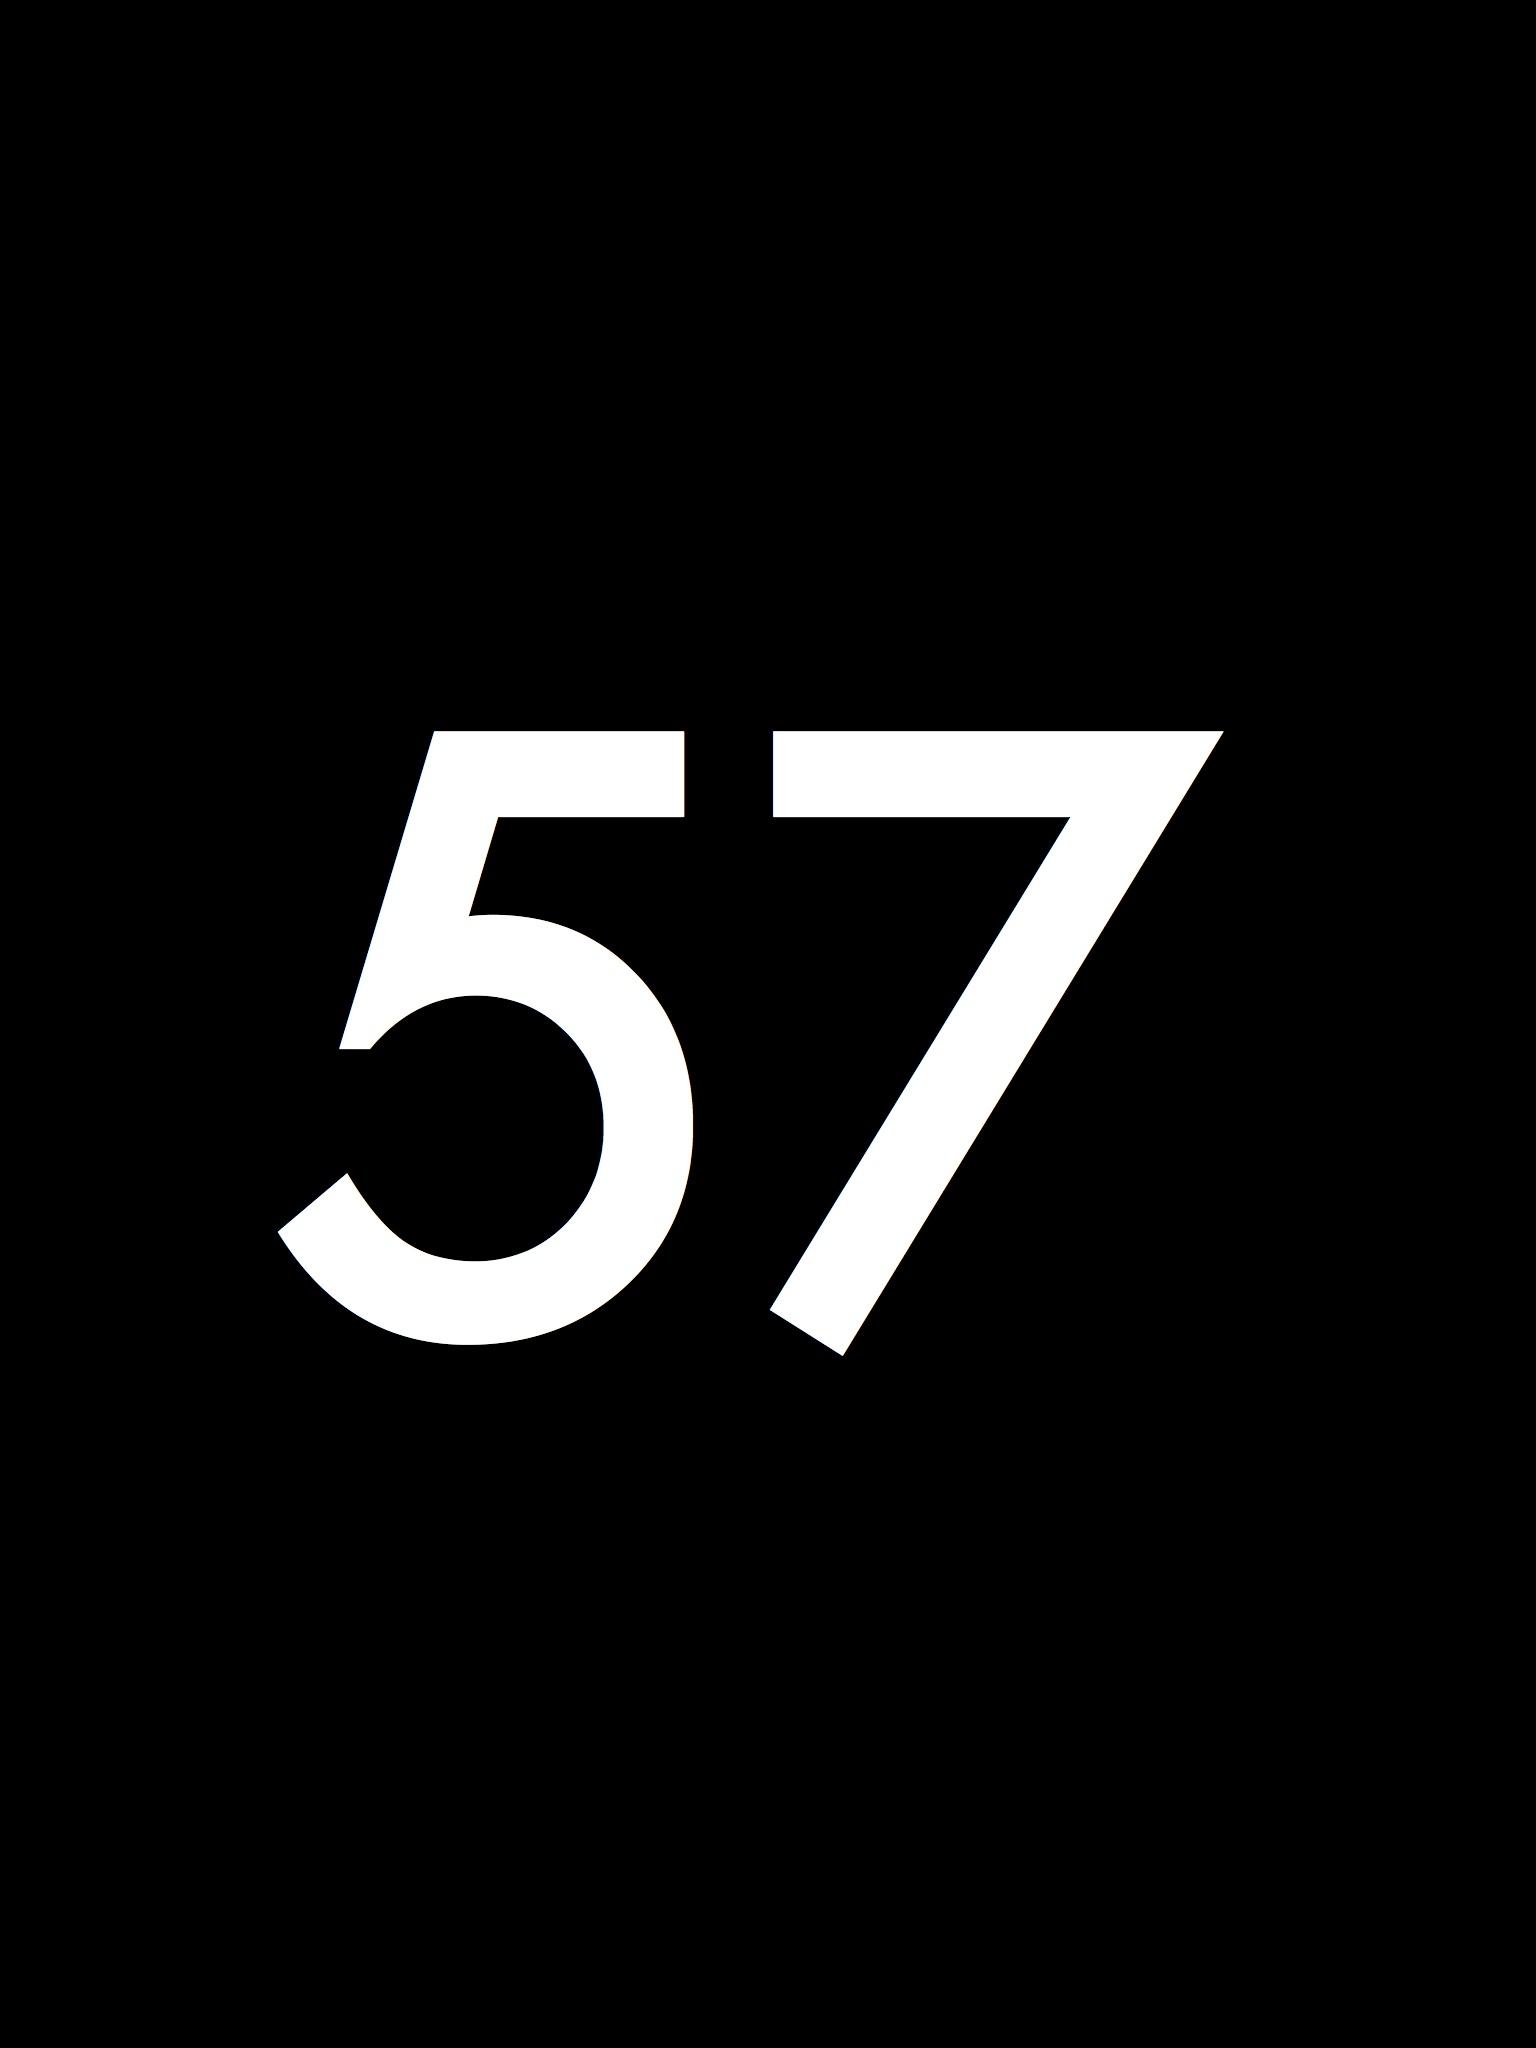 Black_Number.057.jpg